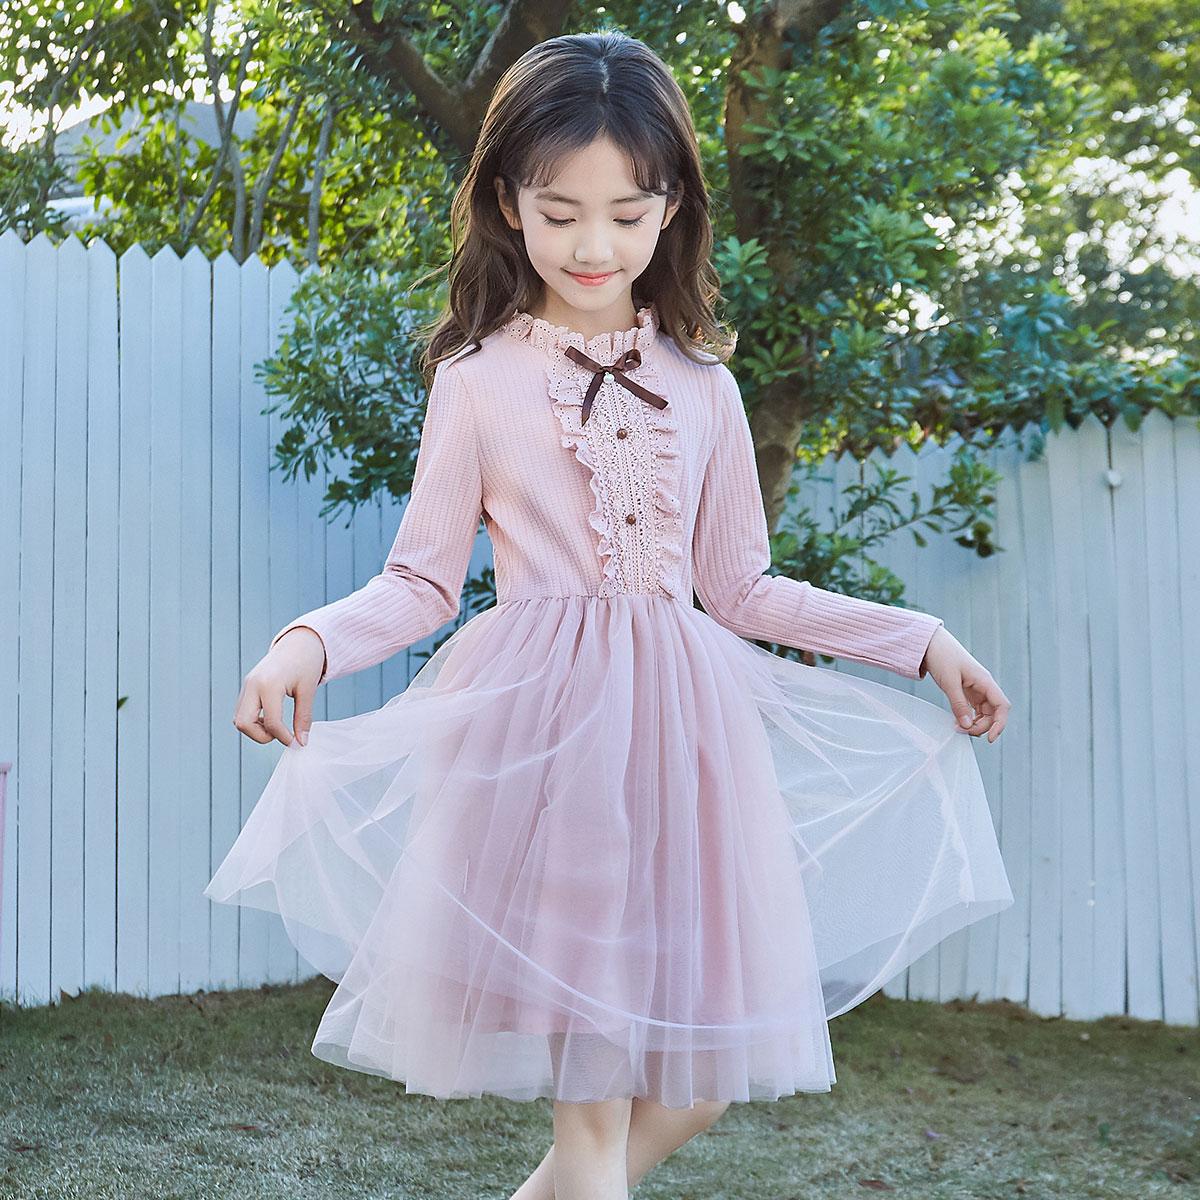 女童连衣裙21年秋季新款女童时尚甜美针织打底拼接网纱公主裙